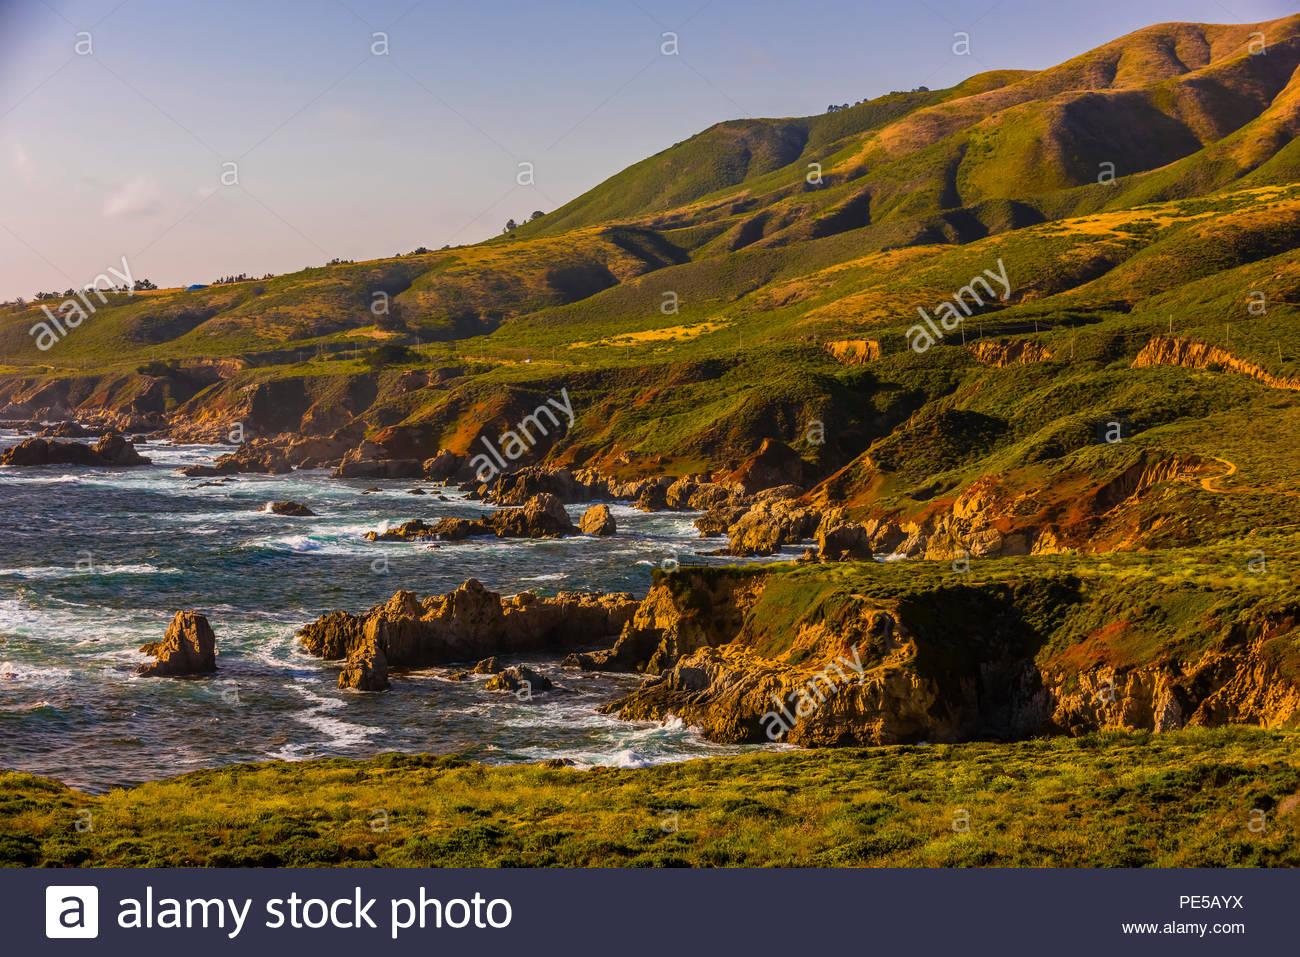 Il robusto Big Sur litorale lungo l'autostrada 1, tra il Carmelo Highlands e Big Sur, Monterey County, California USA. Immagini Stock